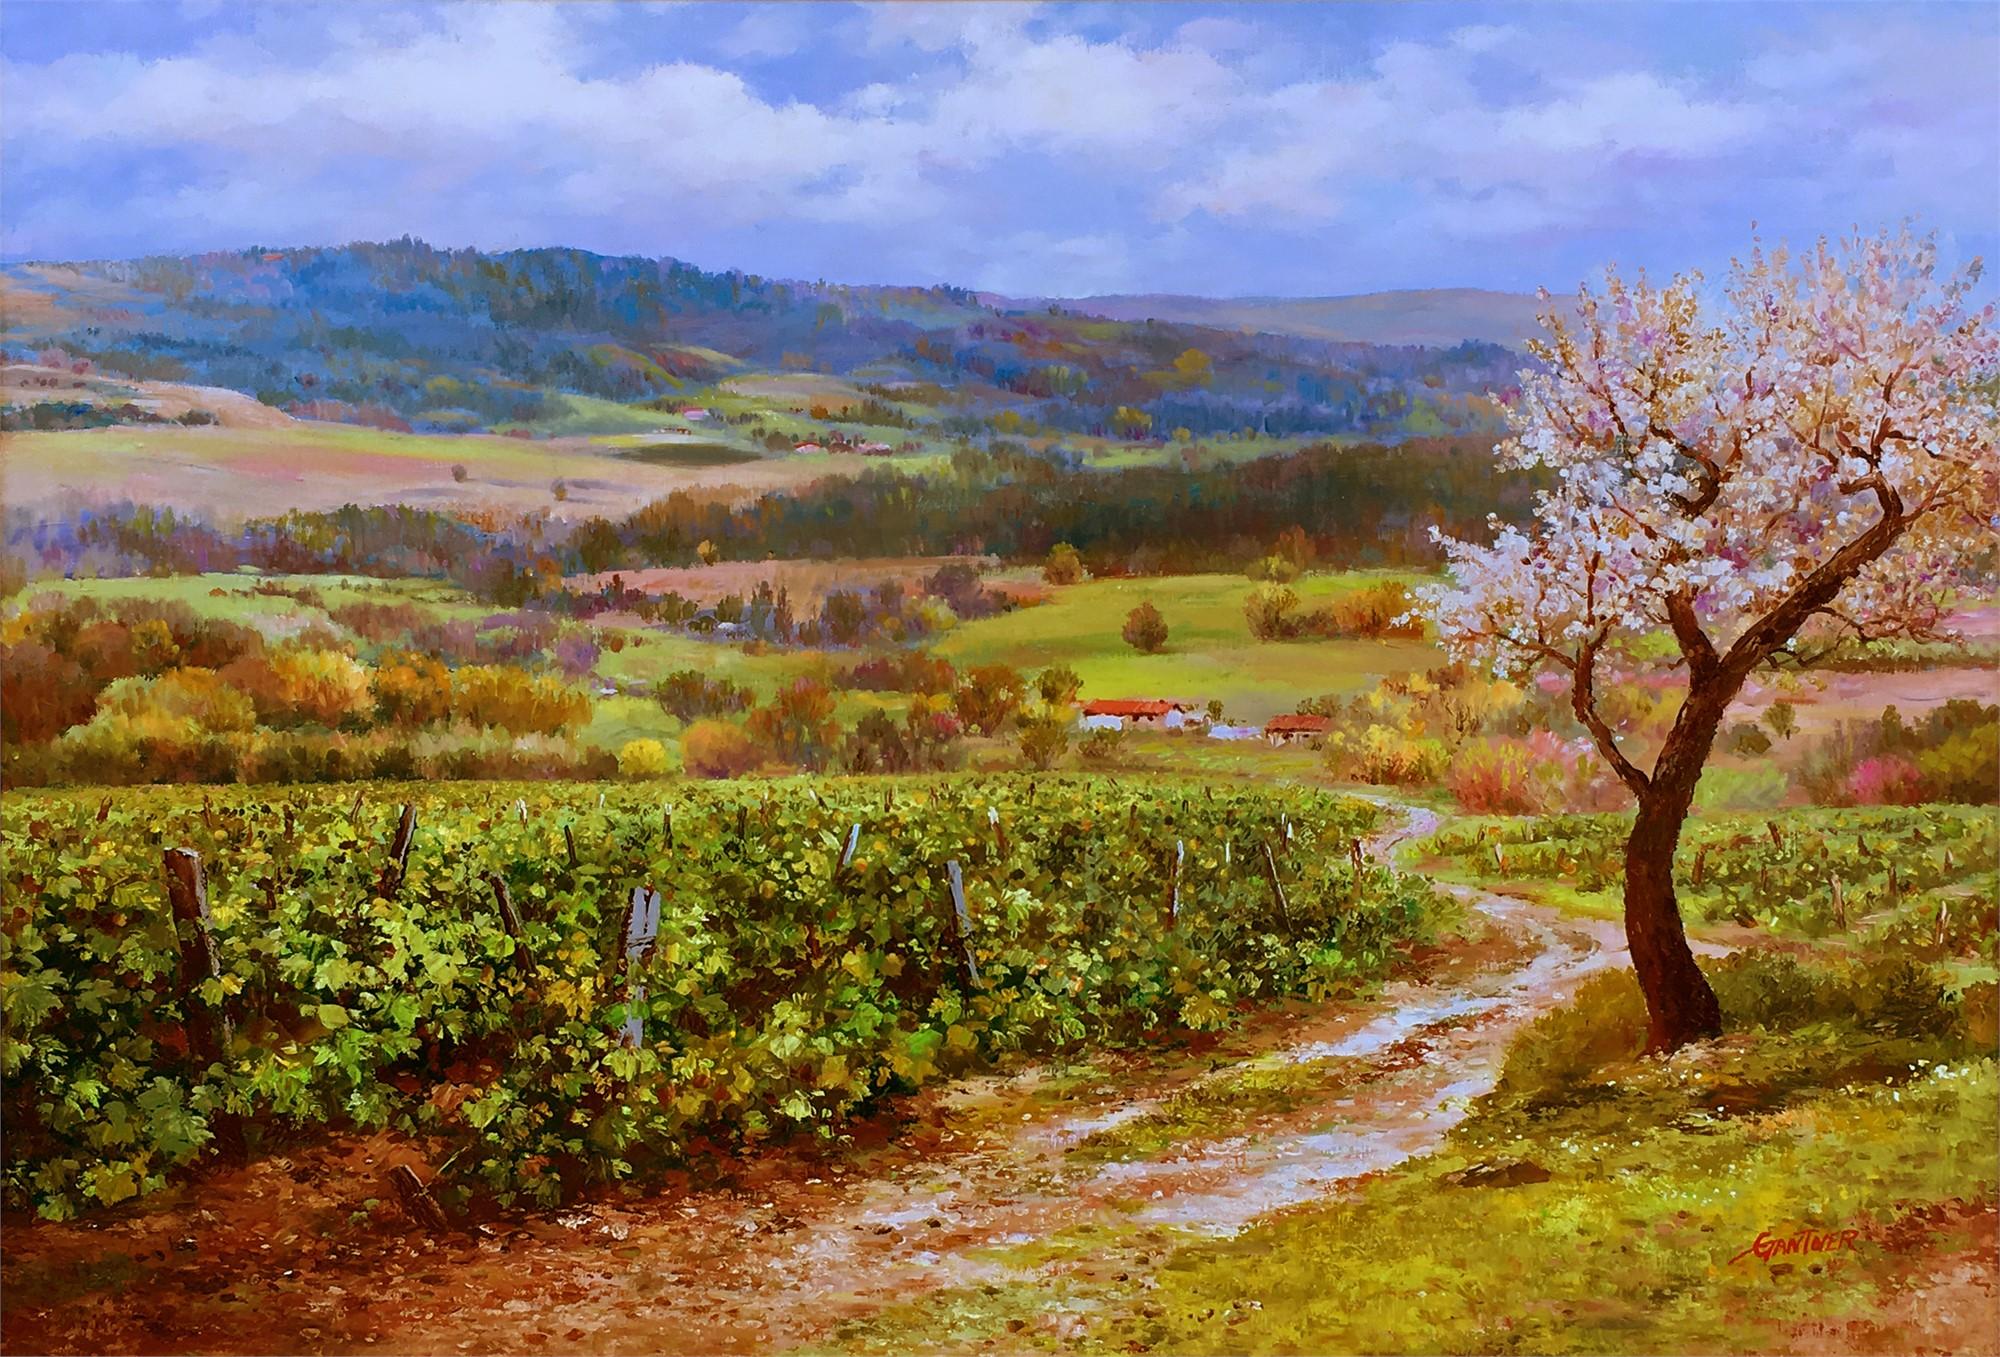 Vineyards of Tuscany by GANTNER